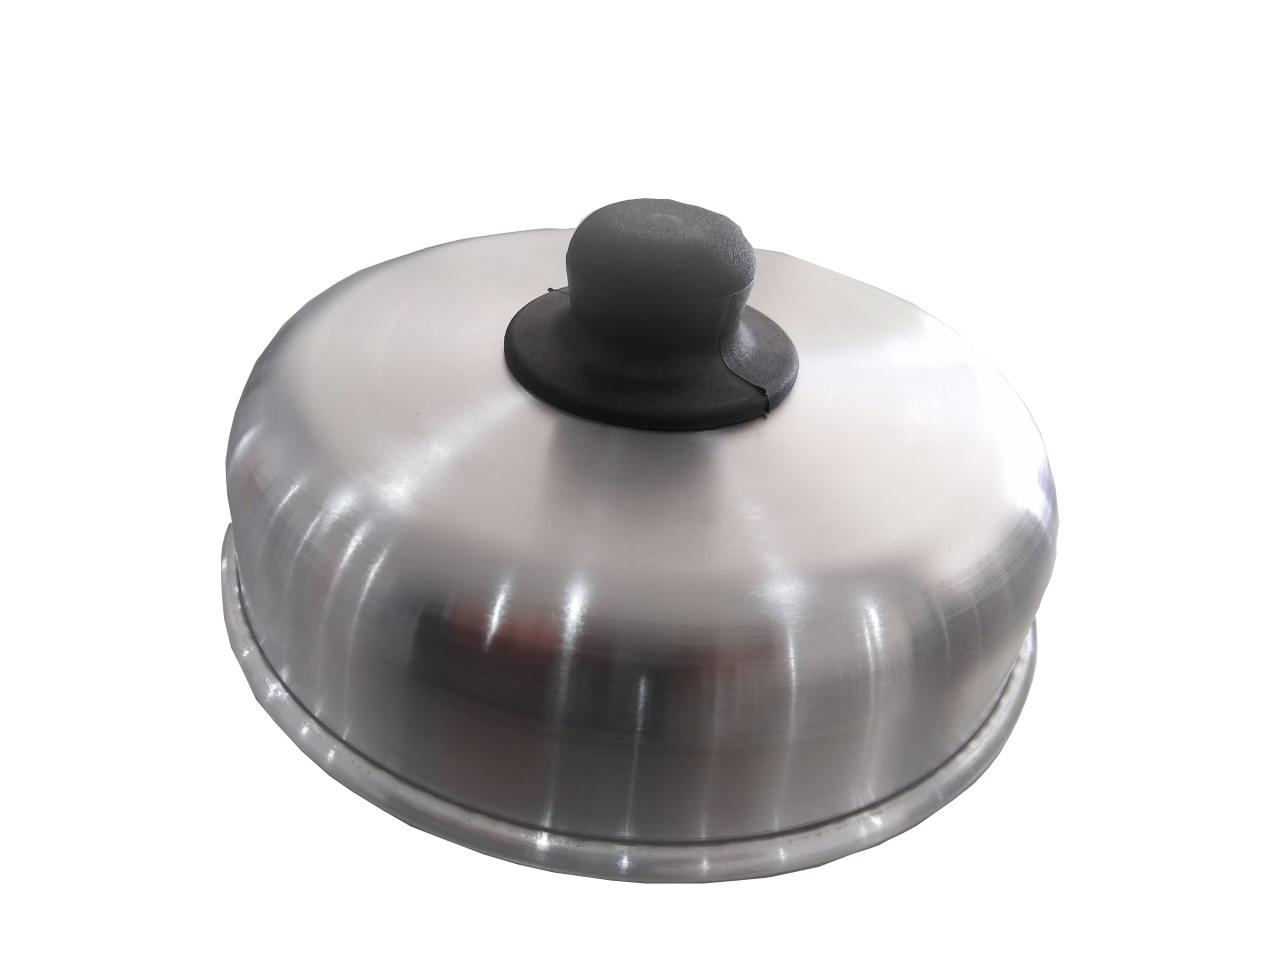 Abafador de hambúrguer de alumínio De Lucca